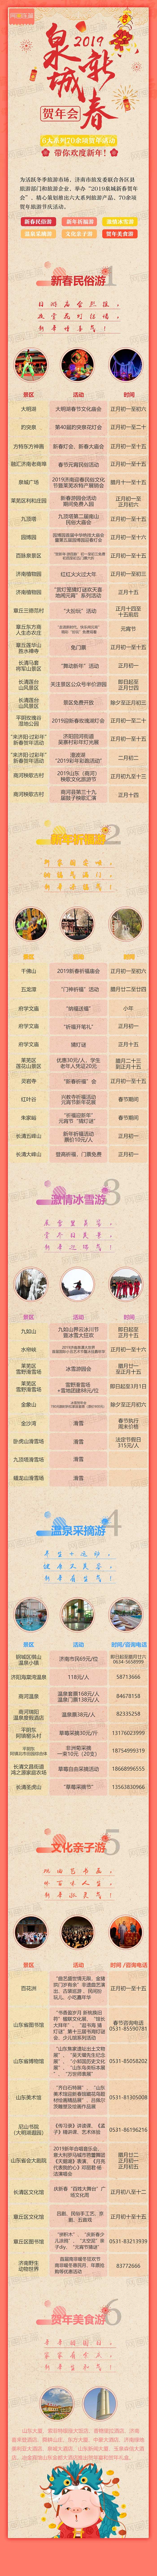 [济南]2019泉城新春贺年活动5